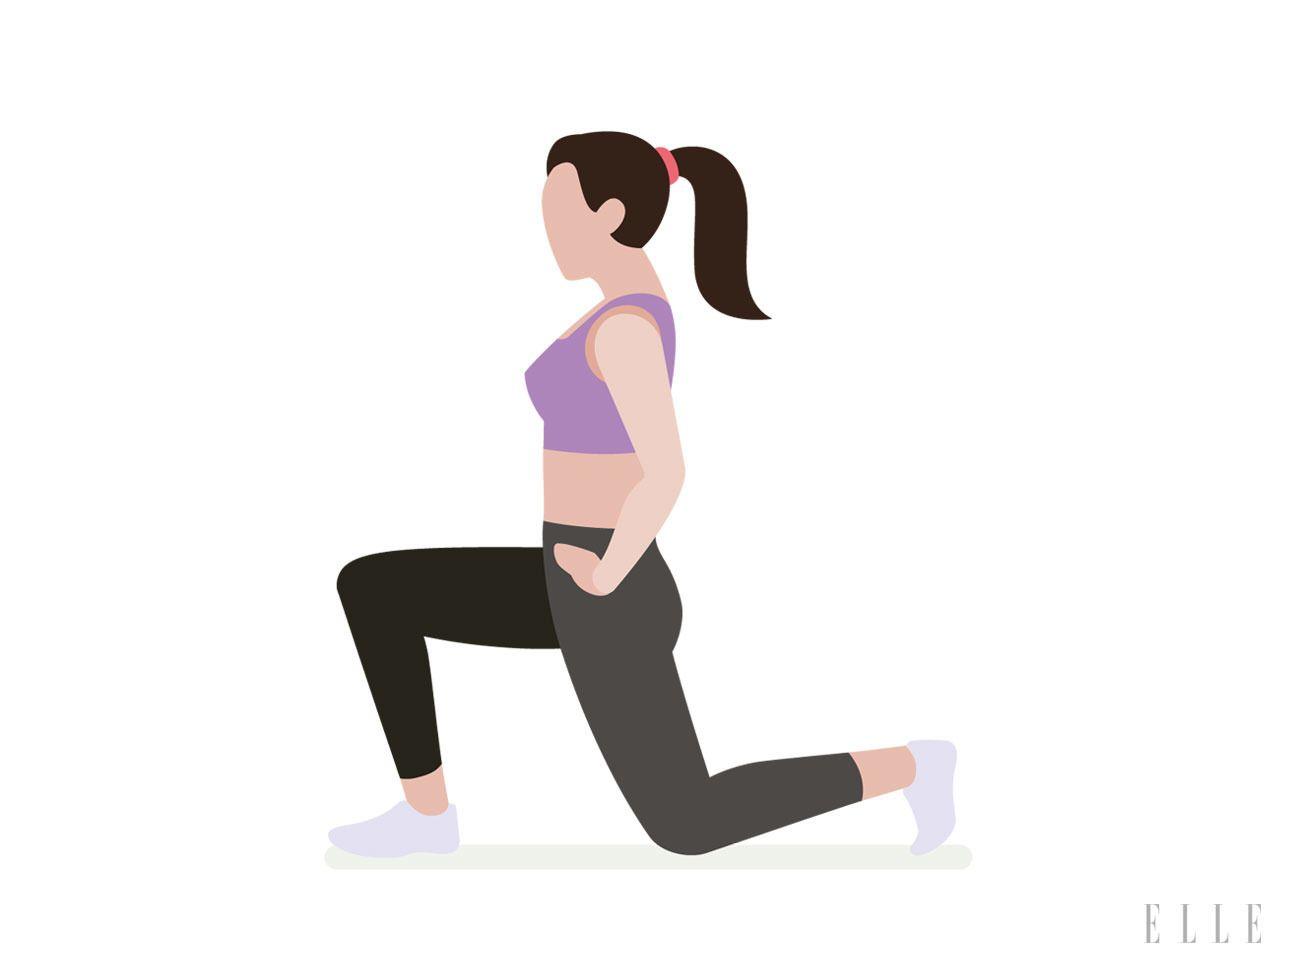 Pin auf Gesundheit und fitness